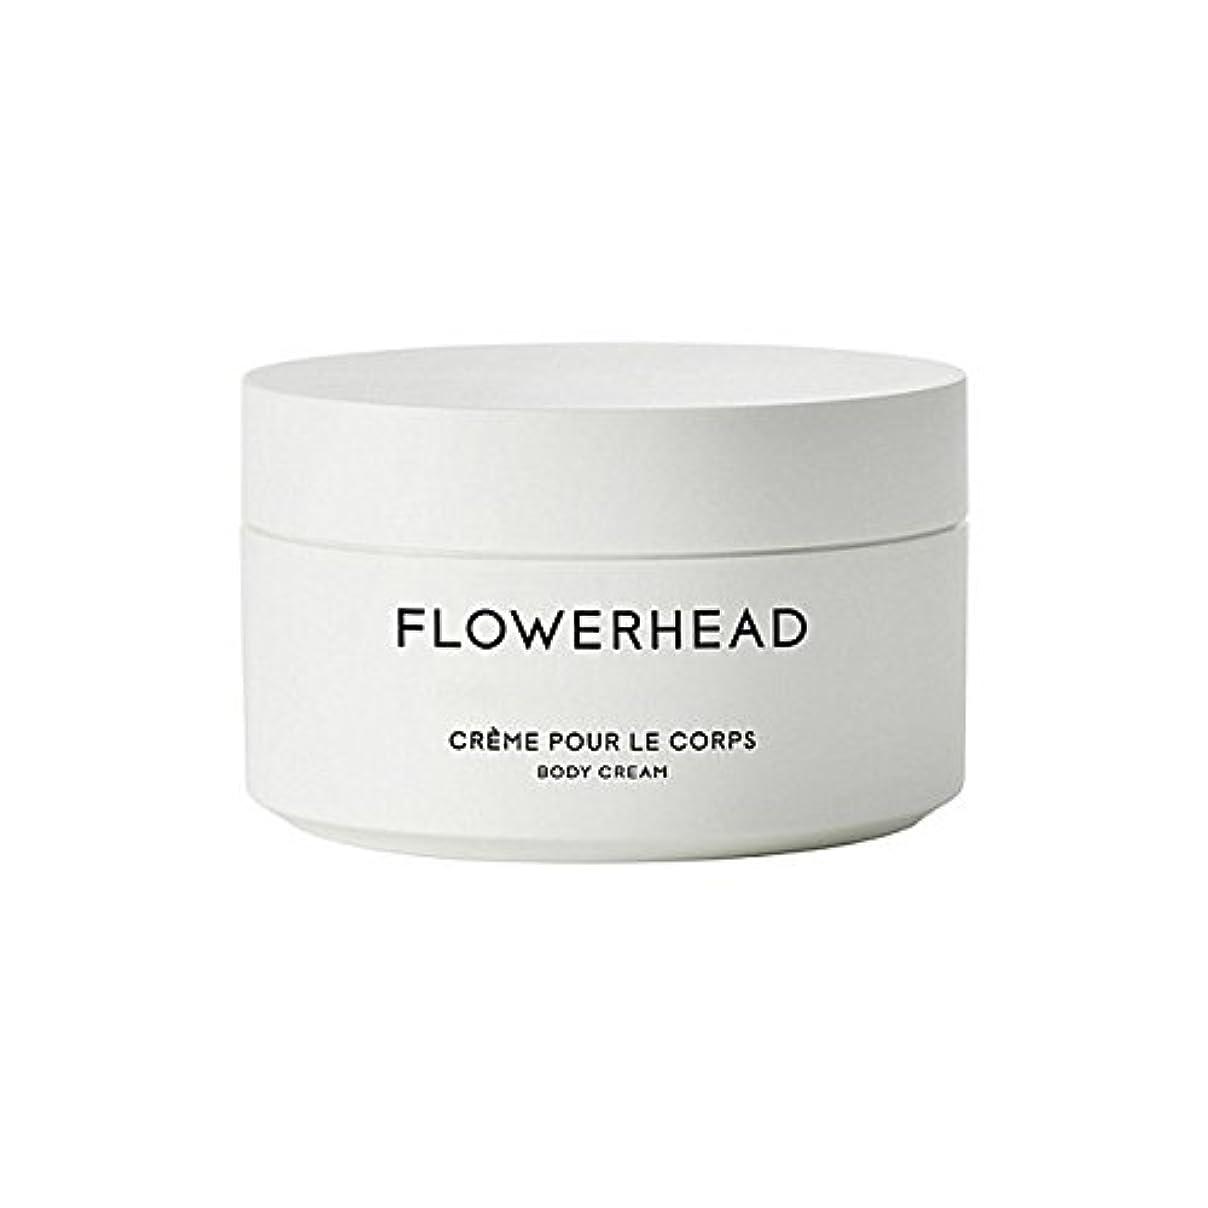 夏十分なホームレスボディクリーム200ミリリットル x4 - Byredo Flowerhead Body Cream 200ml (Pack of 4) [並行輸入品]